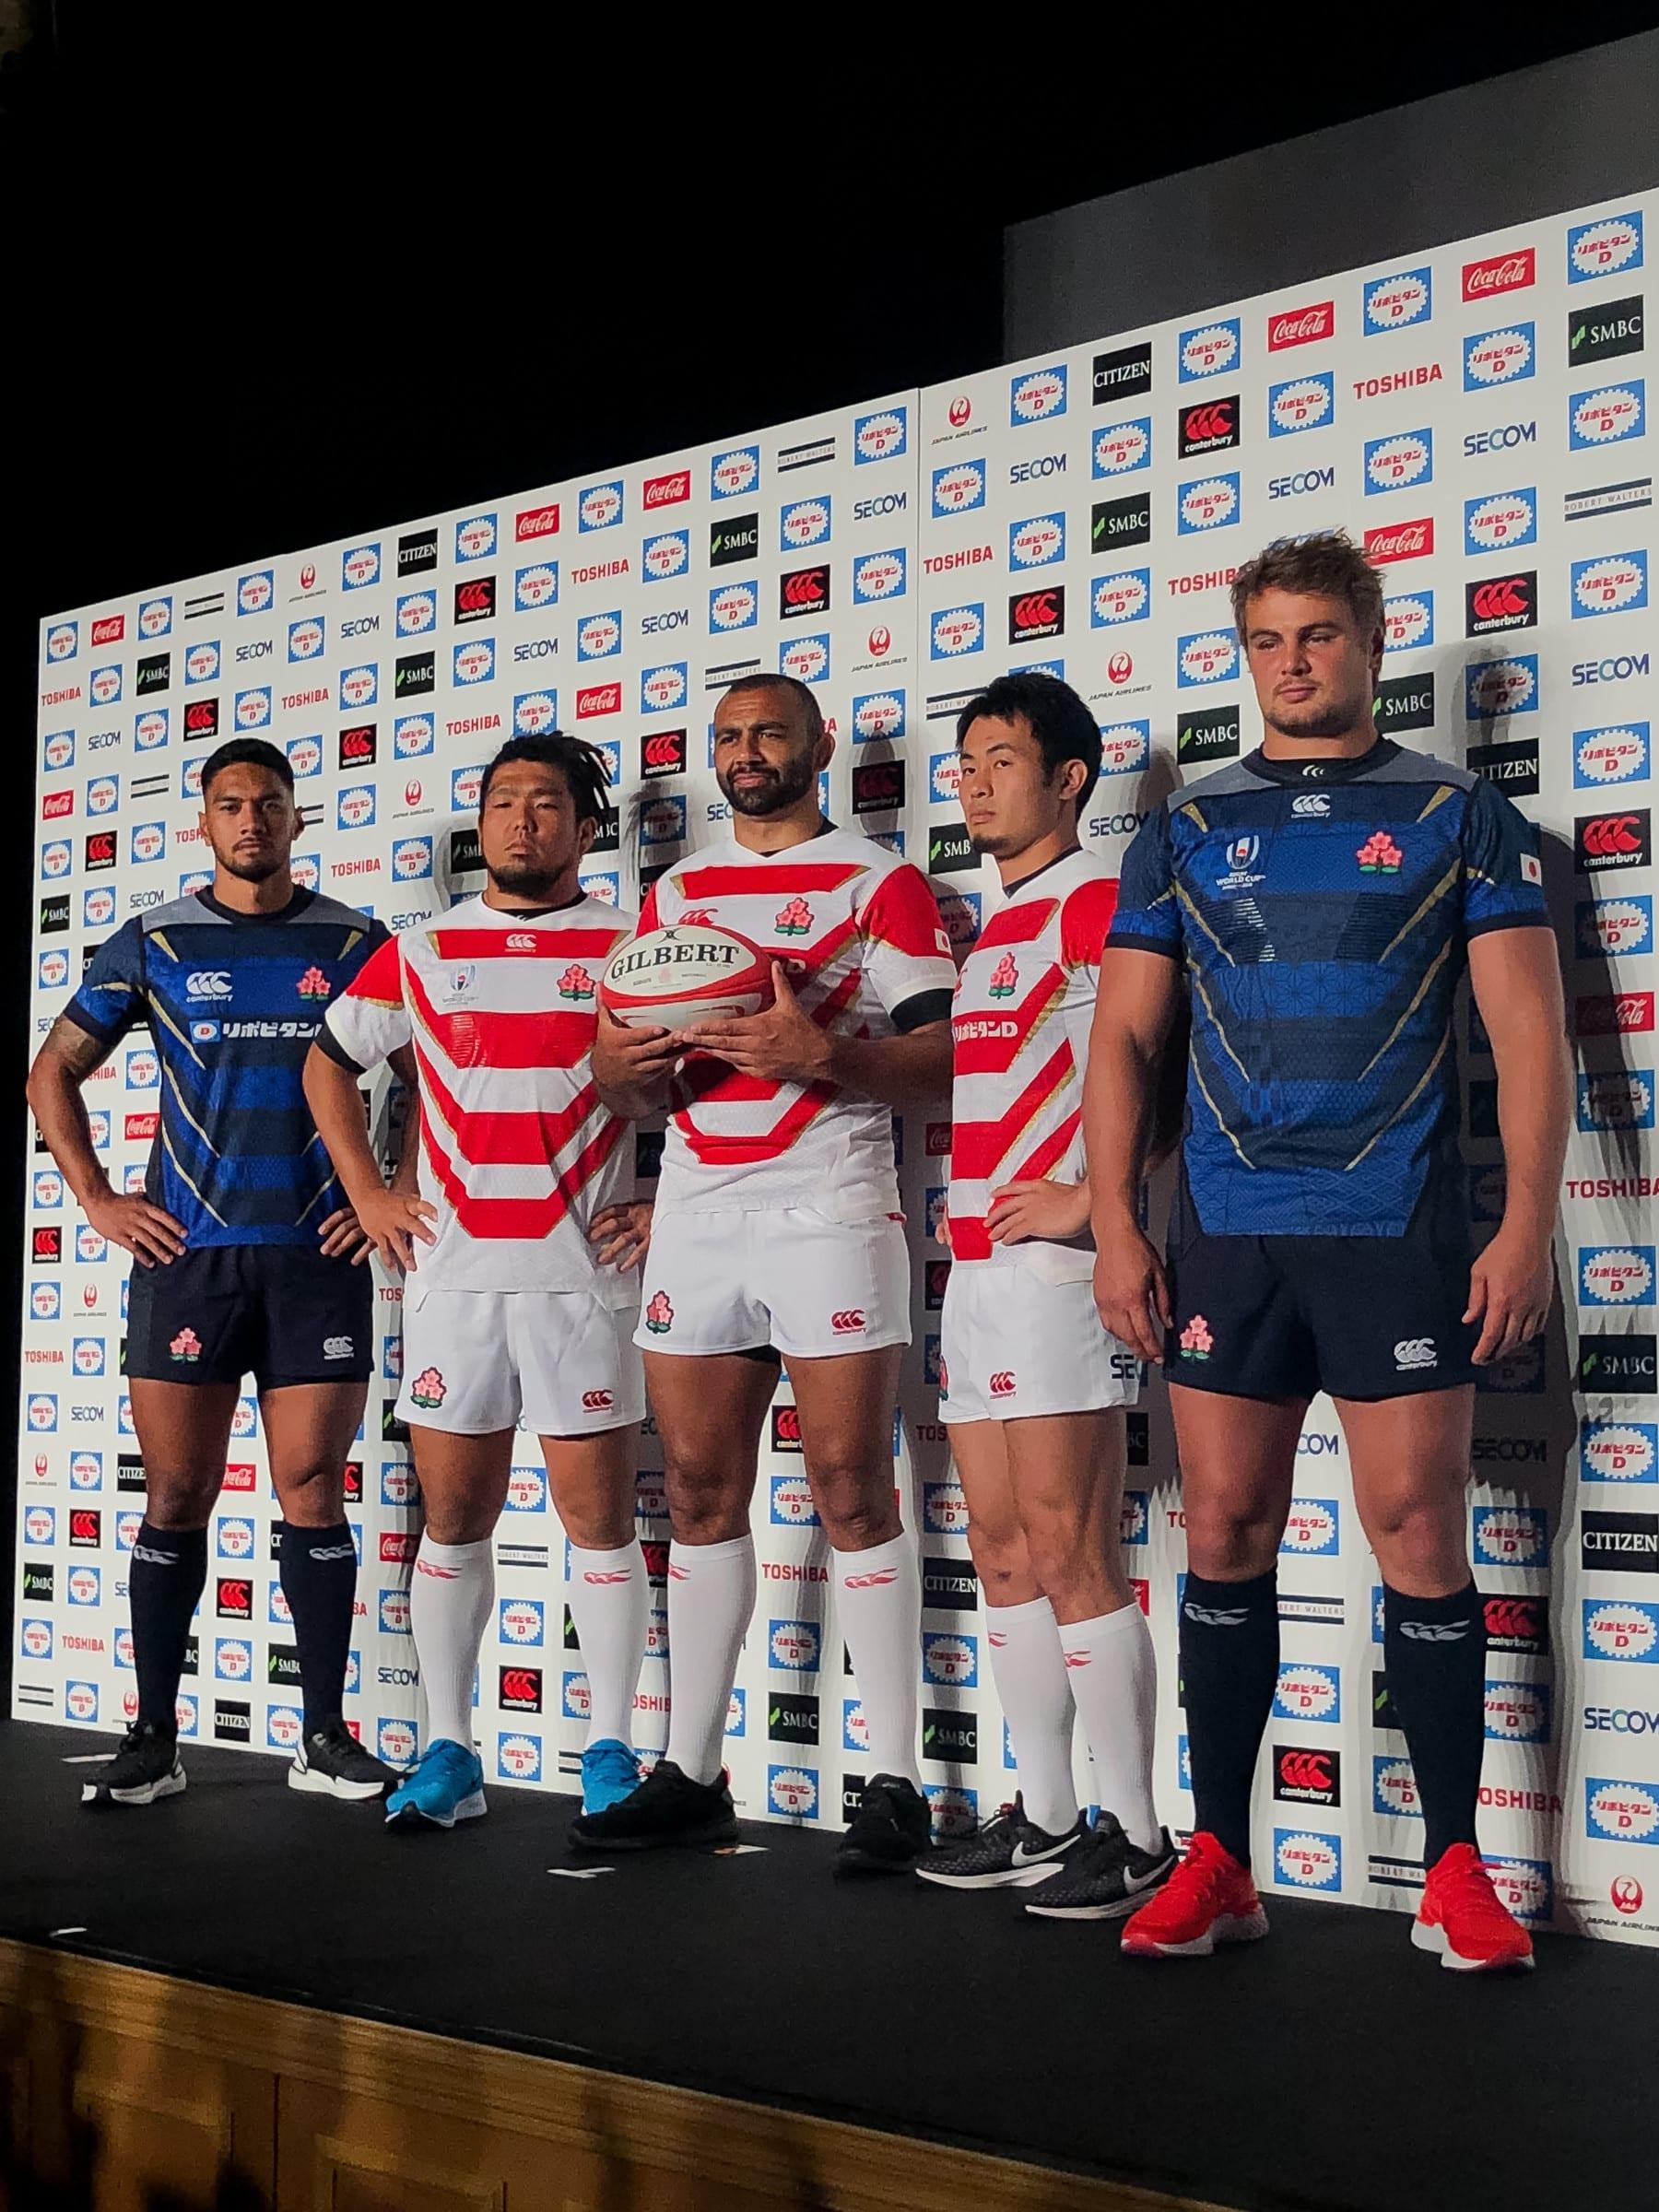 ラグビーワールドカップ日本代表の新ジャージ発表、コンセプトは「兜」